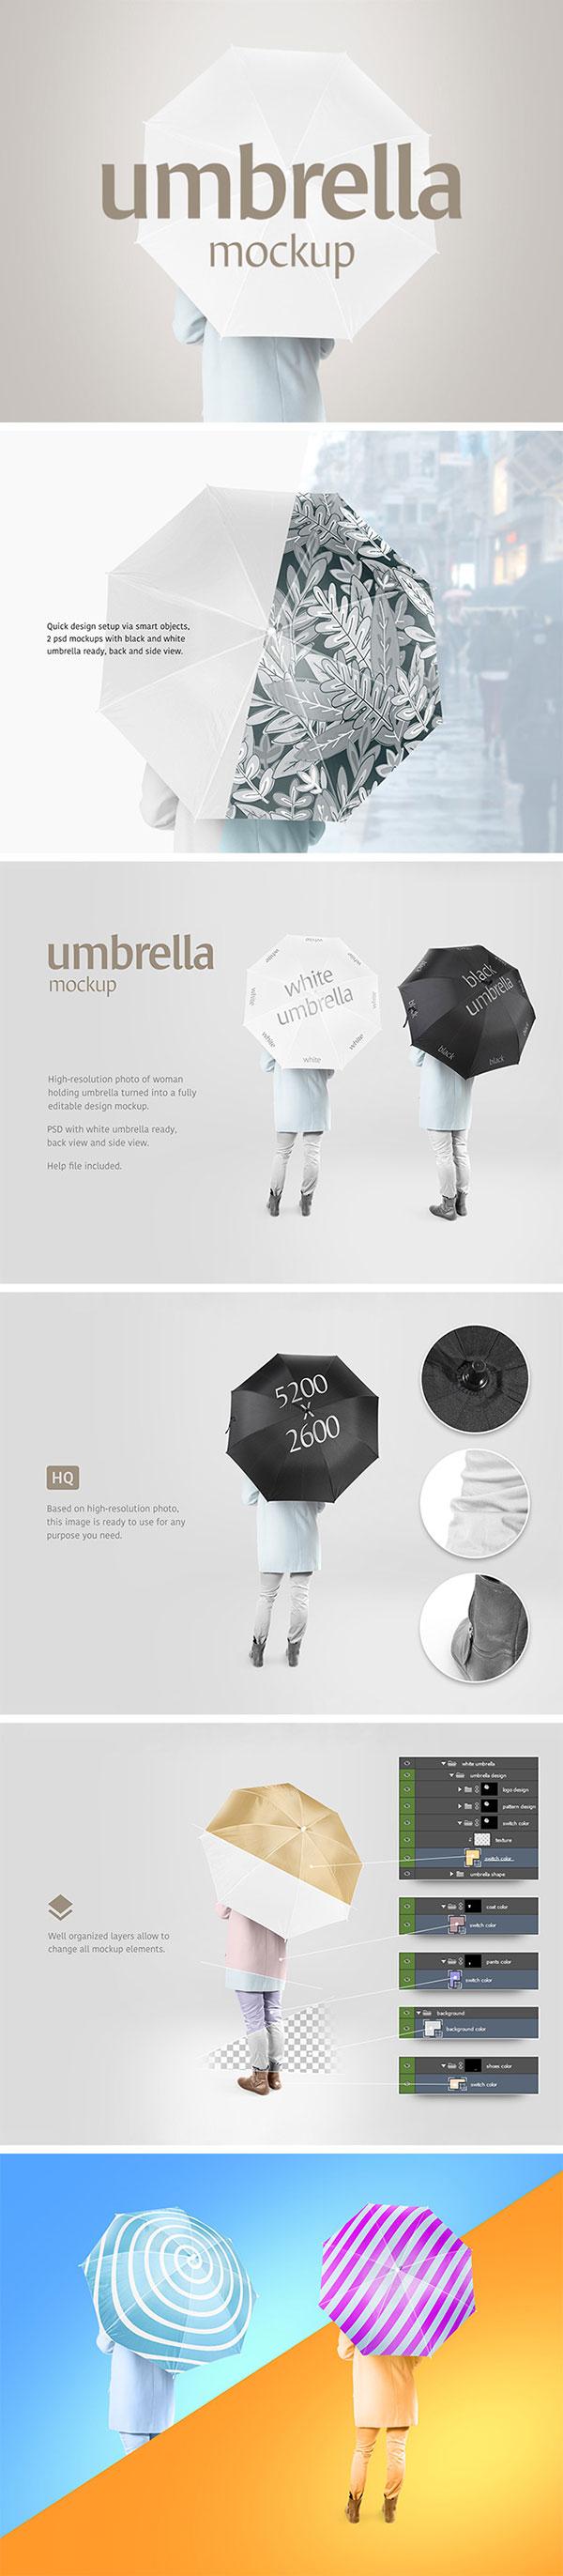 高端雨伞样机